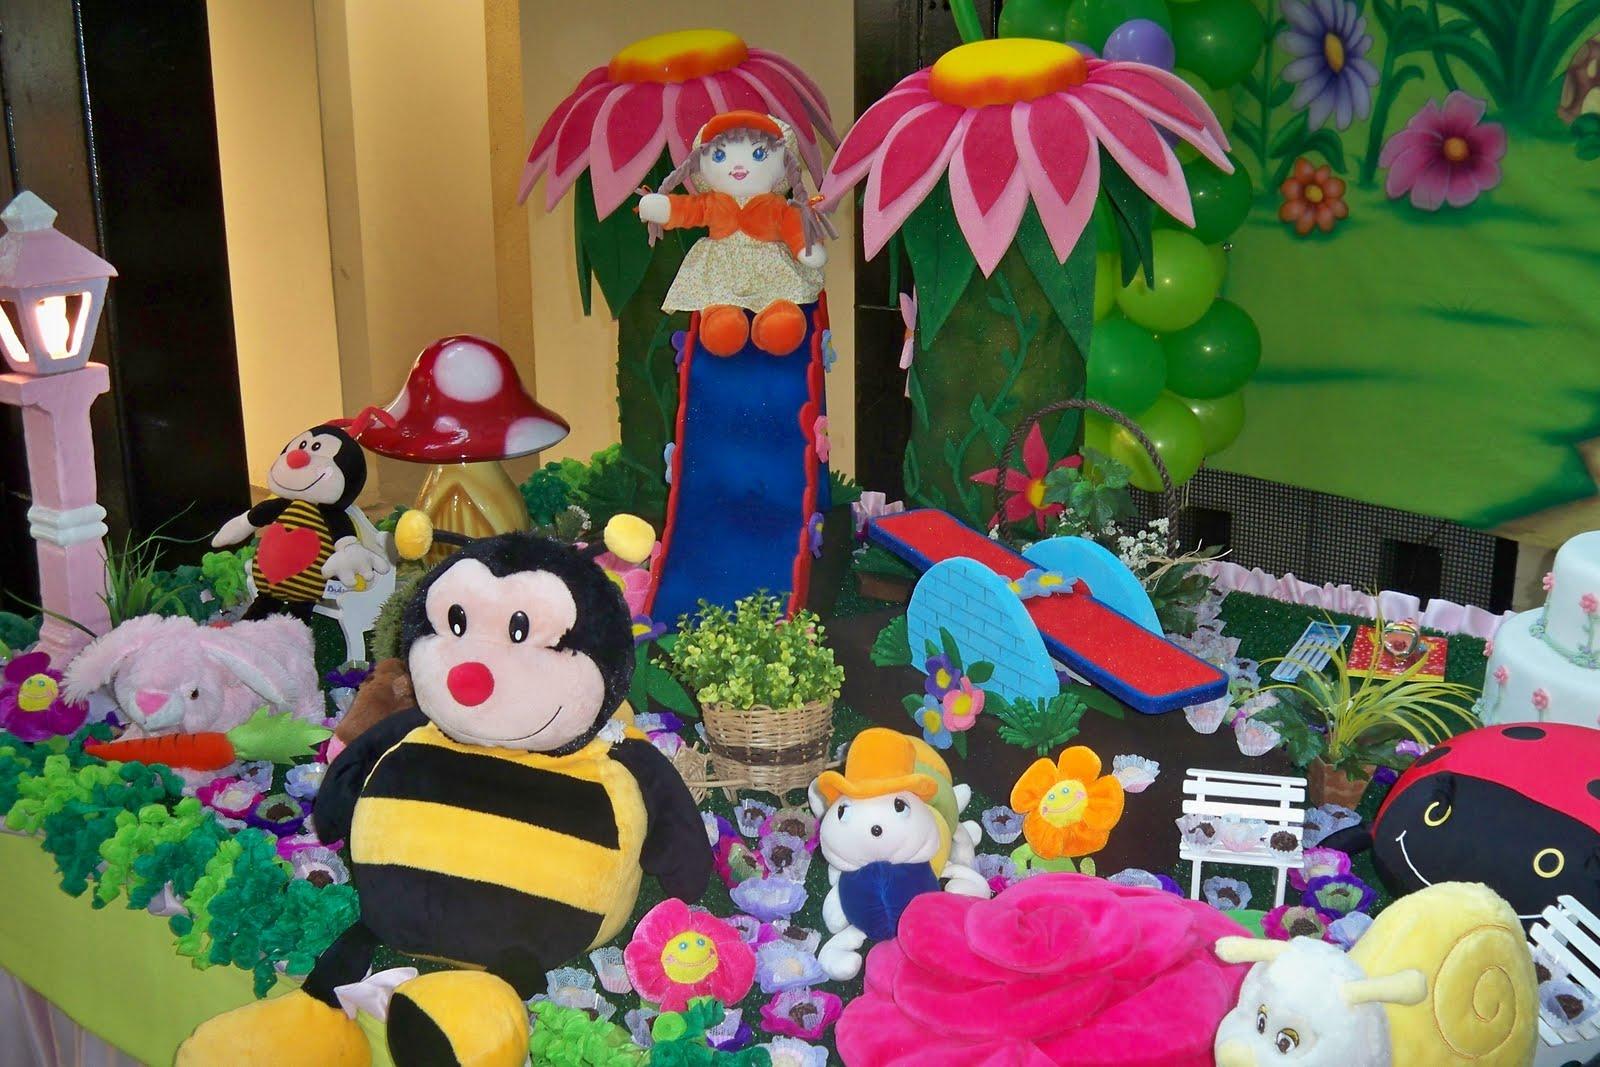 festa jardim infantil : festa jardim infantil:KZA Colde festas – por que nos contratar: FESTA DO JARDIM ENCANTADO